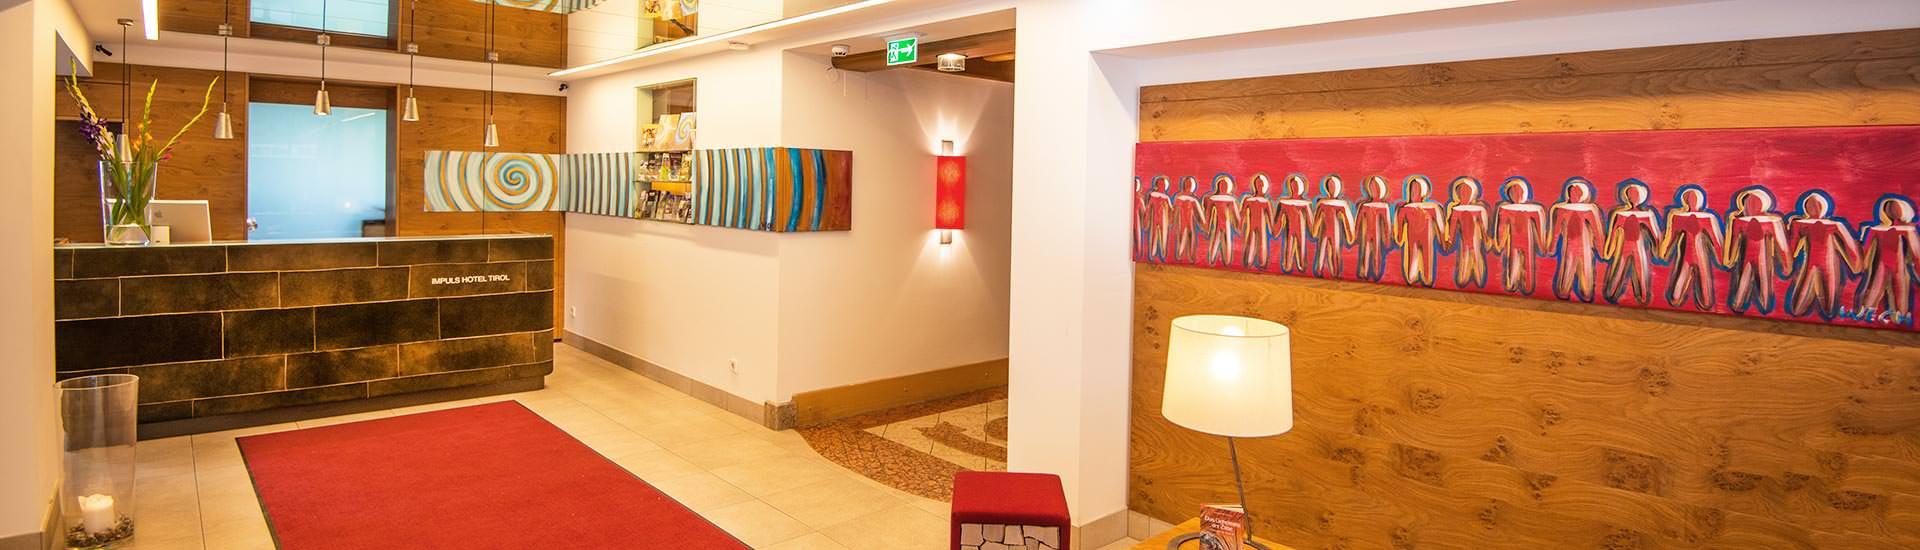 Genießen Sie Ihren Aufenthalt im Impuls Hotel Tirol